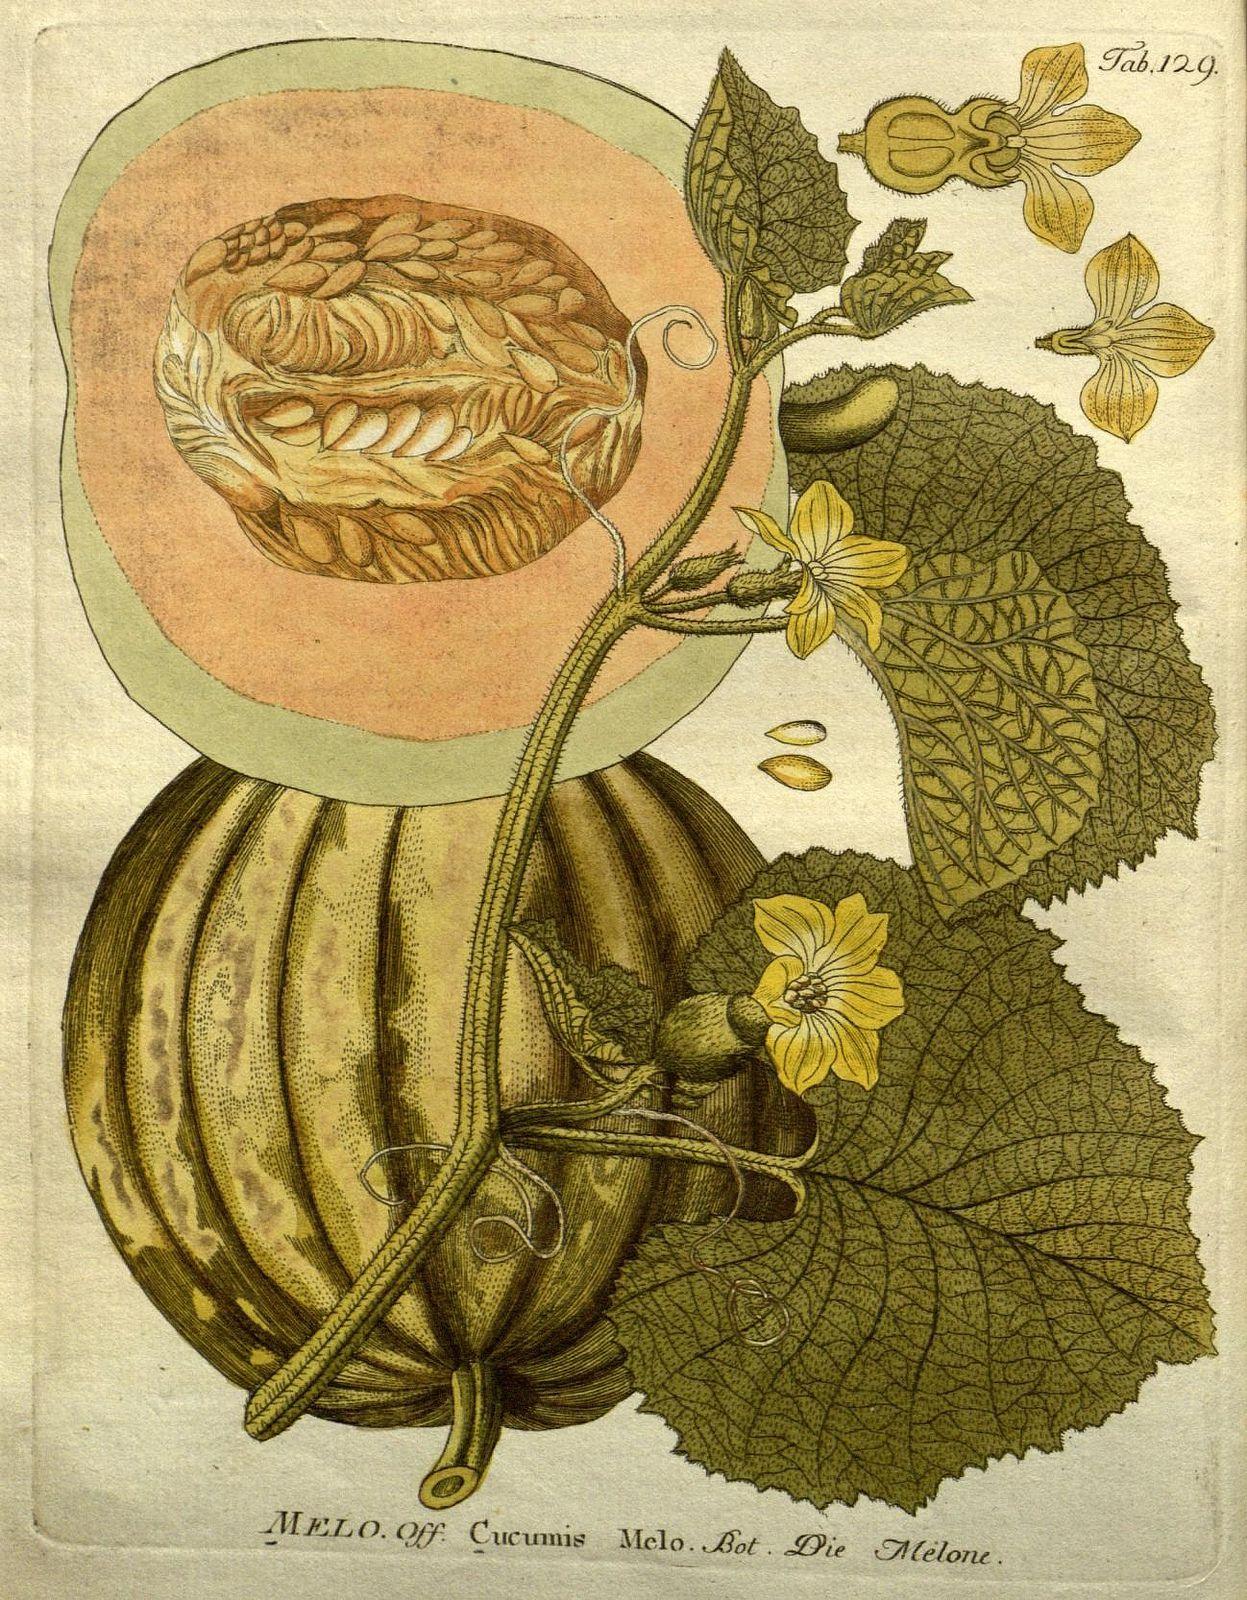 Icones plantarum medico-oeconomico-technologicarum cum earum fructus ususque descriptione =. Wien :herausgegeben von Ignatz Albrecht und verlegt bey Phil. Jos. Schalbaecher ...,[1800]-1822.. biodiversitylibrary.org/page/6466931